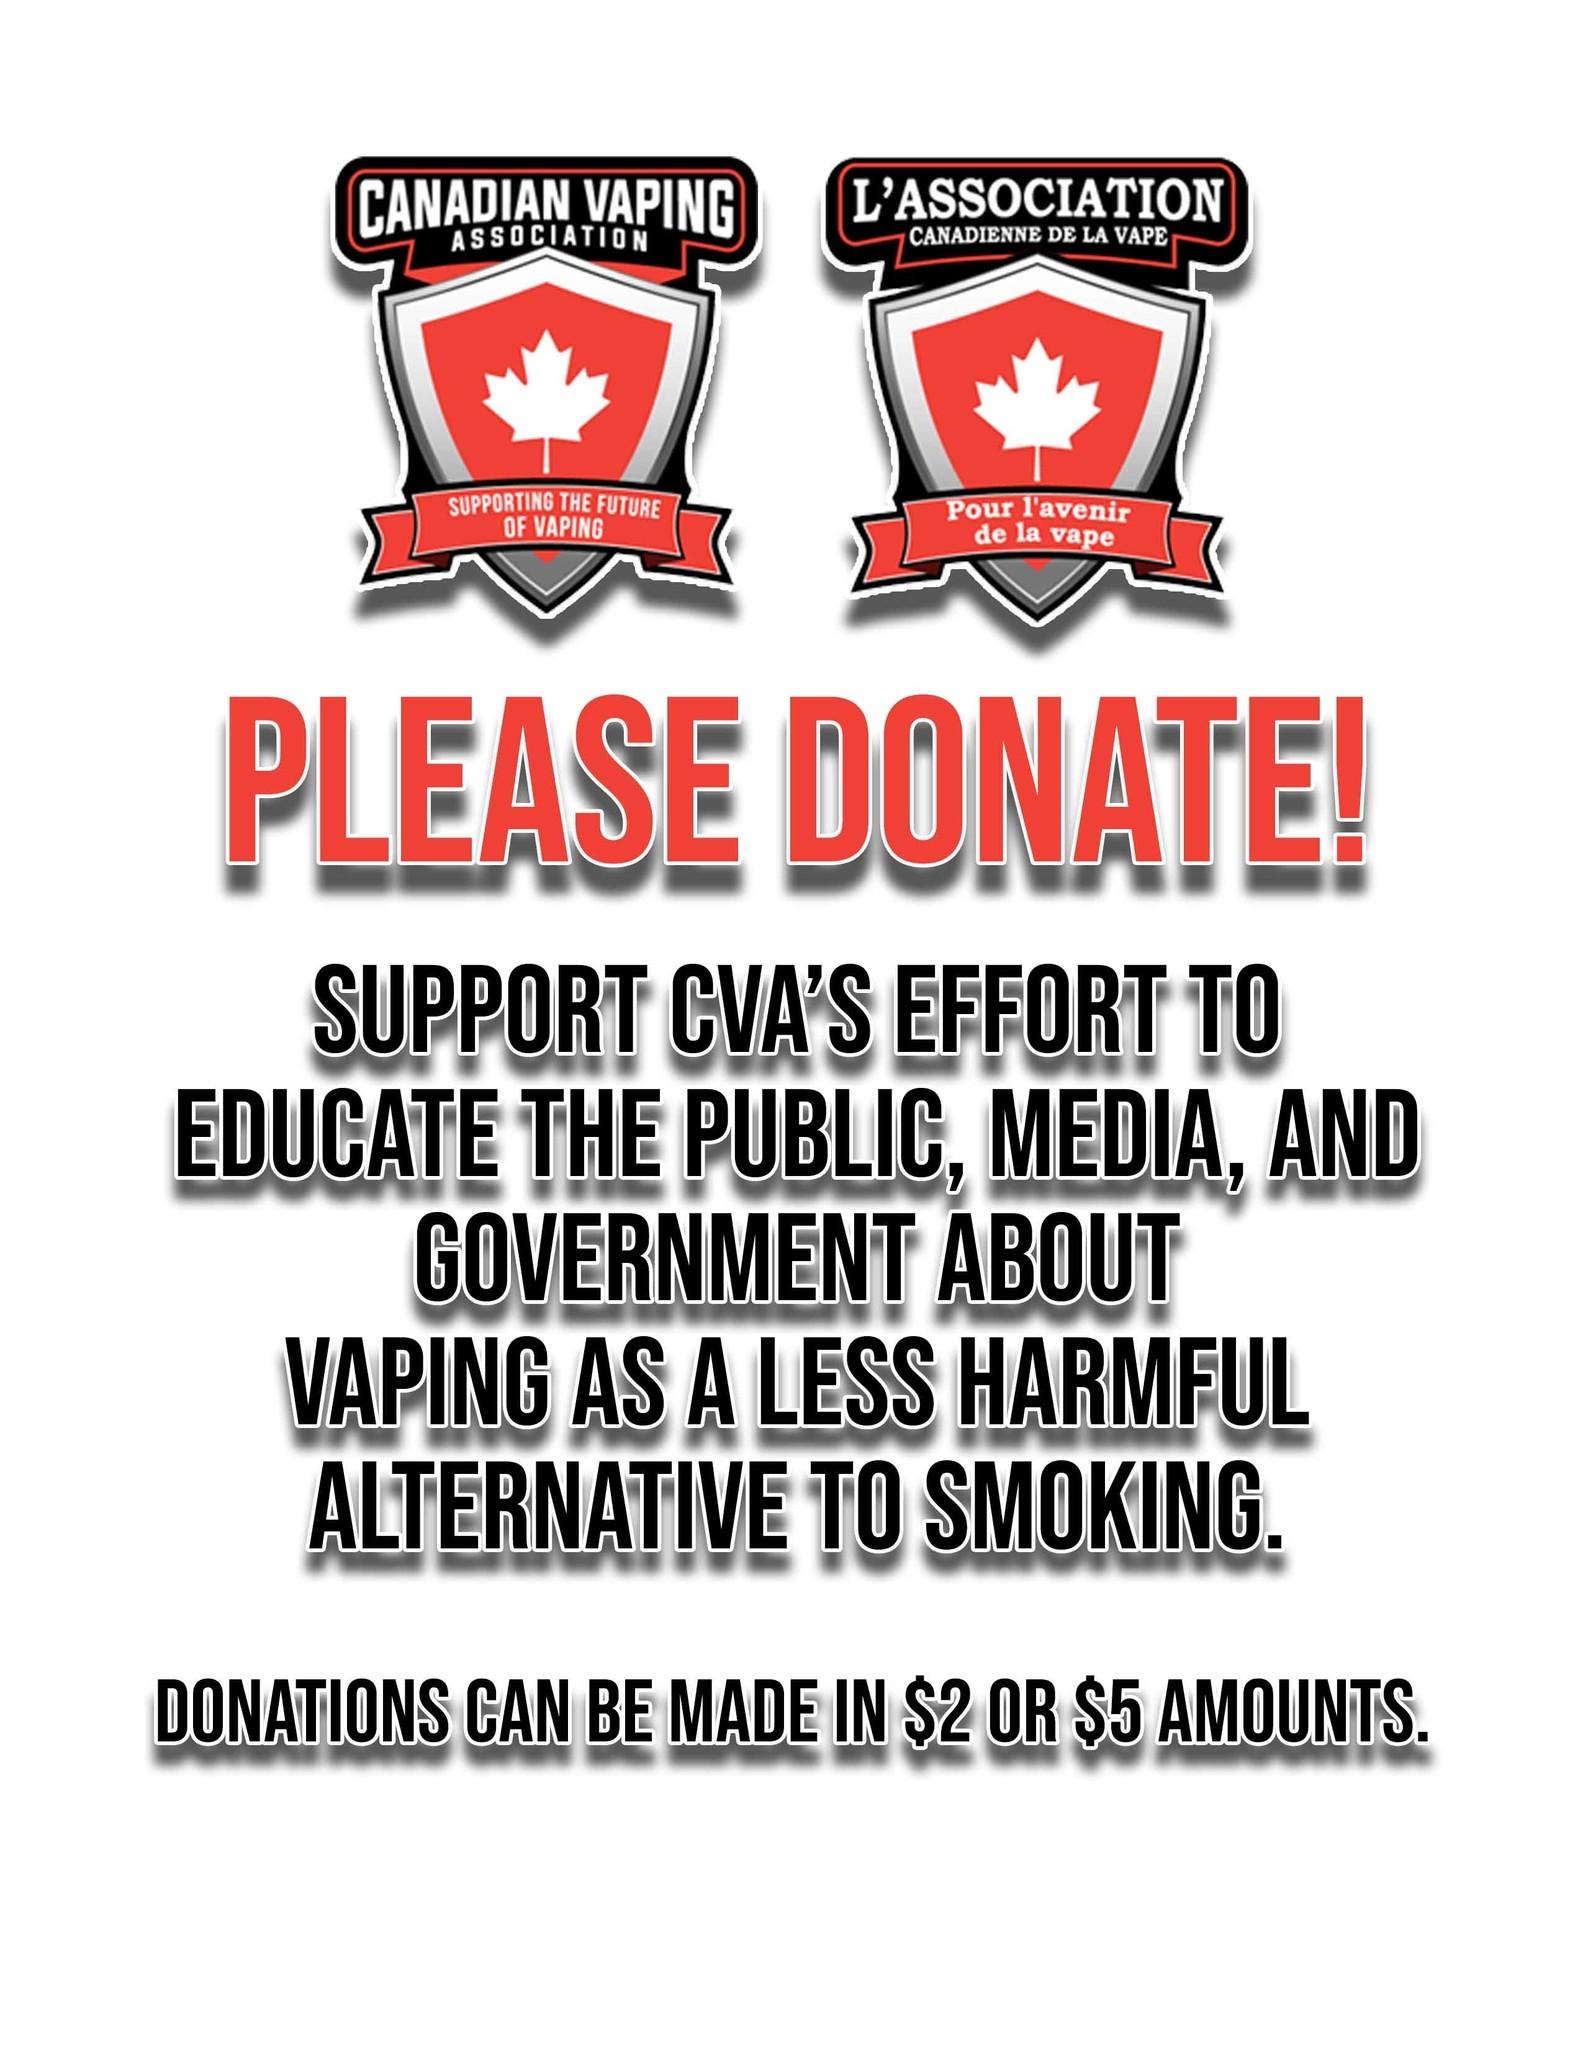 CVA Donation $2.00